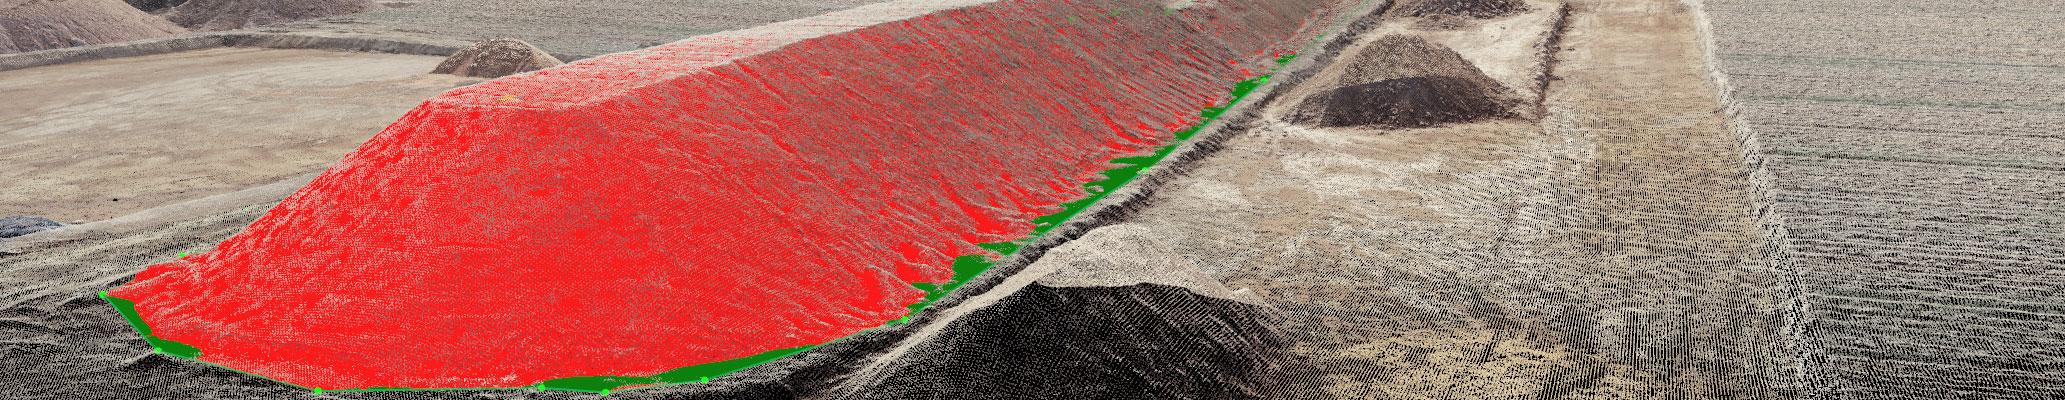 Bild einer rot markierten Erdhalde im Gewerbegiet Weidenhecken bei Woerth